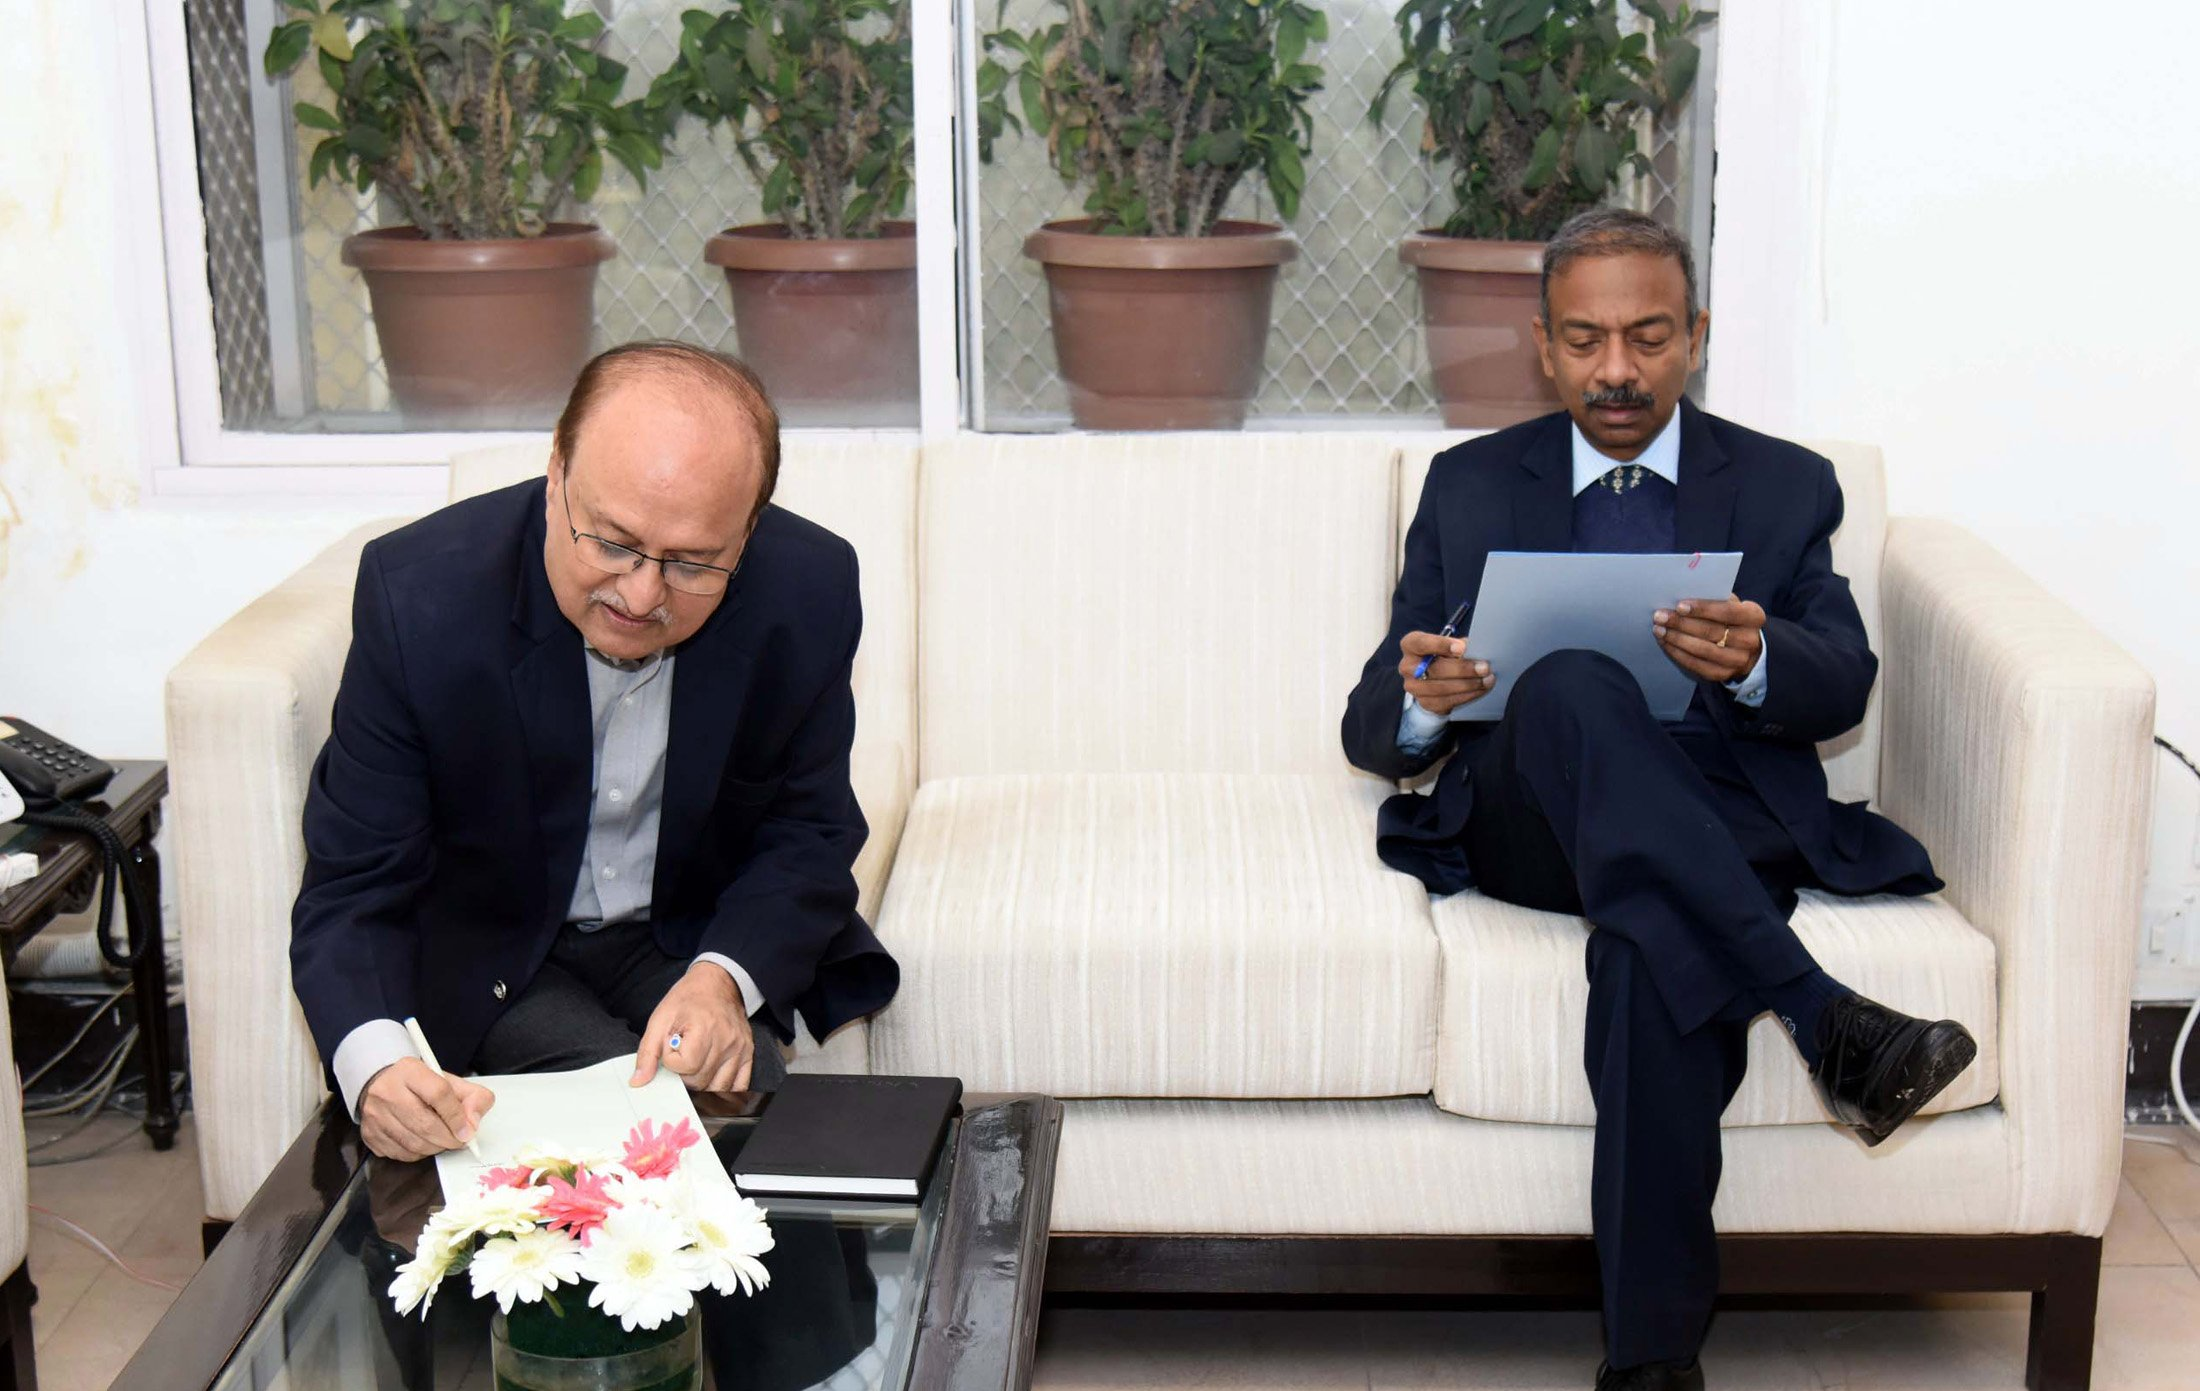 Ravi Mittal, Sports Secretary, Radhey Shyam Julaniya